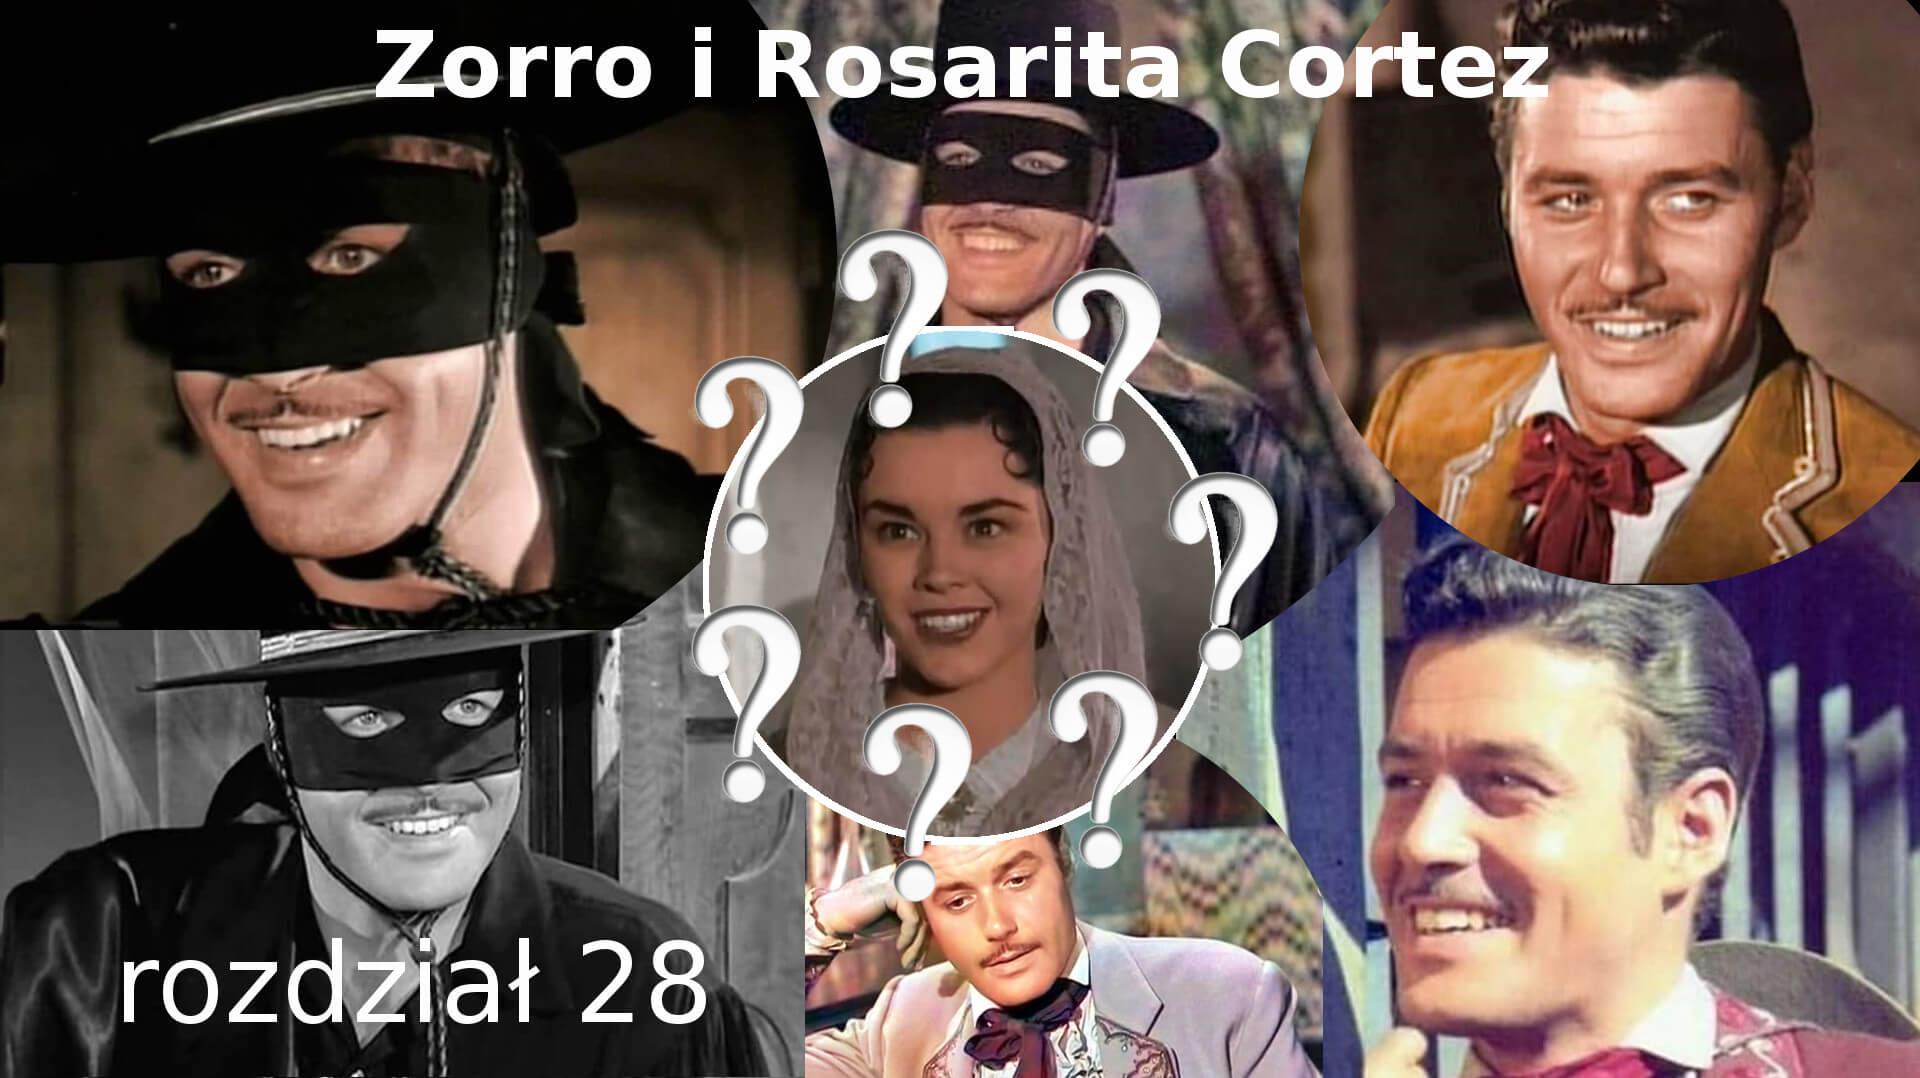 Zorro i Rosarita Cortez rozdział 28 Zorro fanfiction